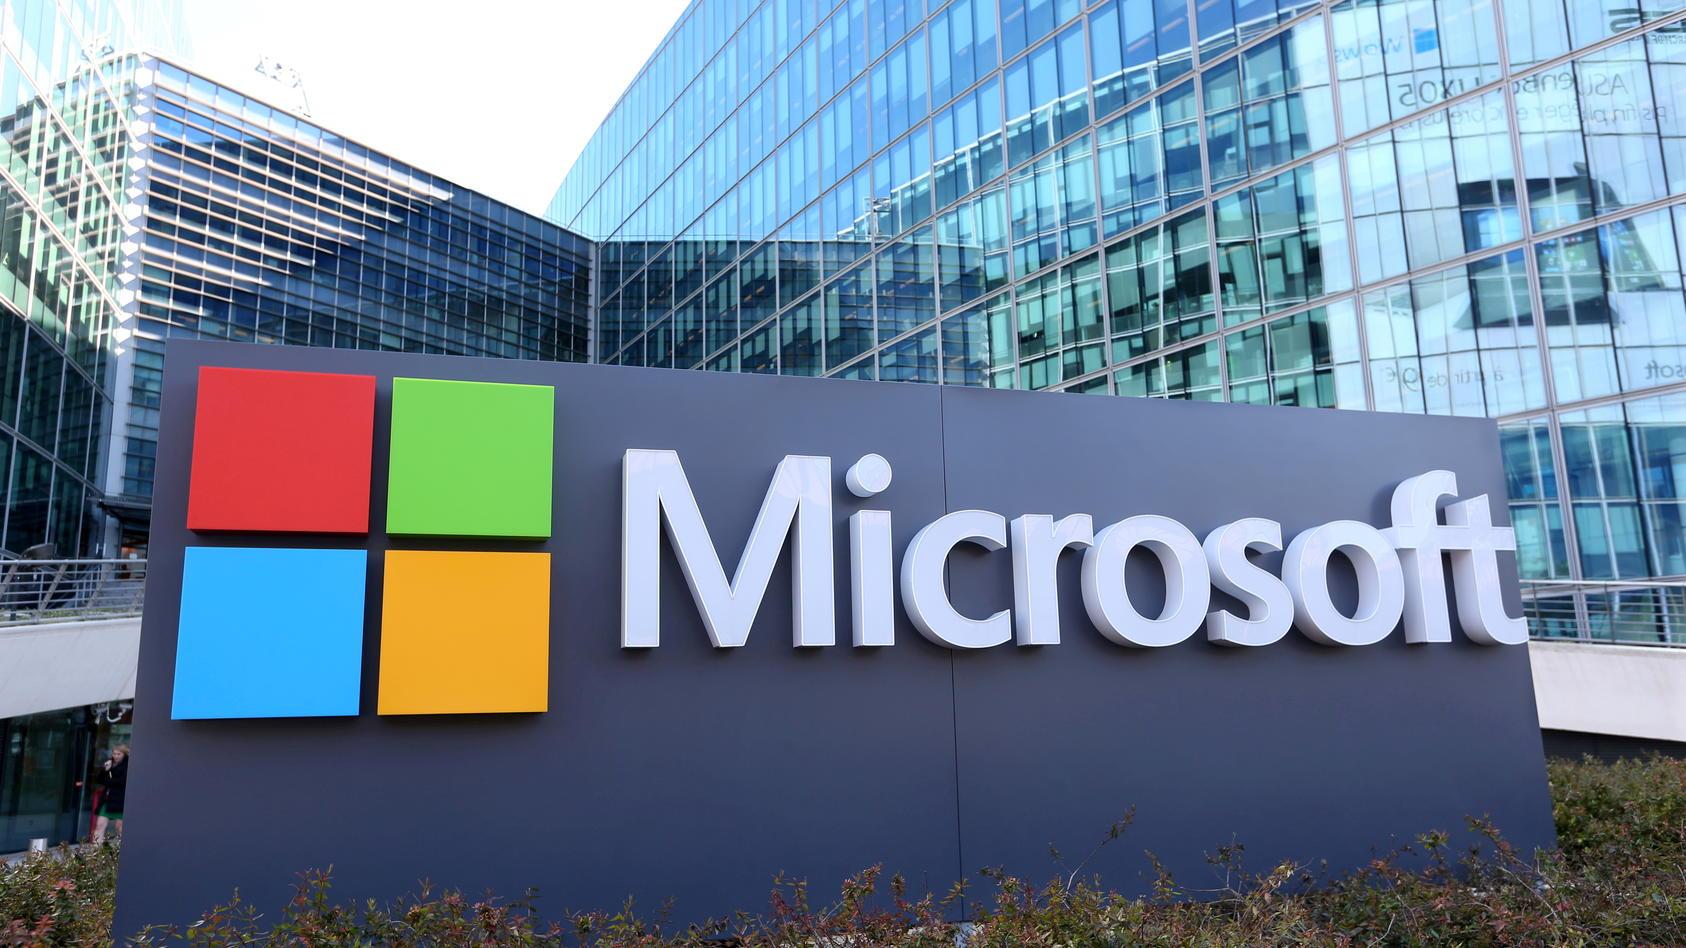 Am 5. Oktober startet mit Windows 11 das neueste Software-Update.